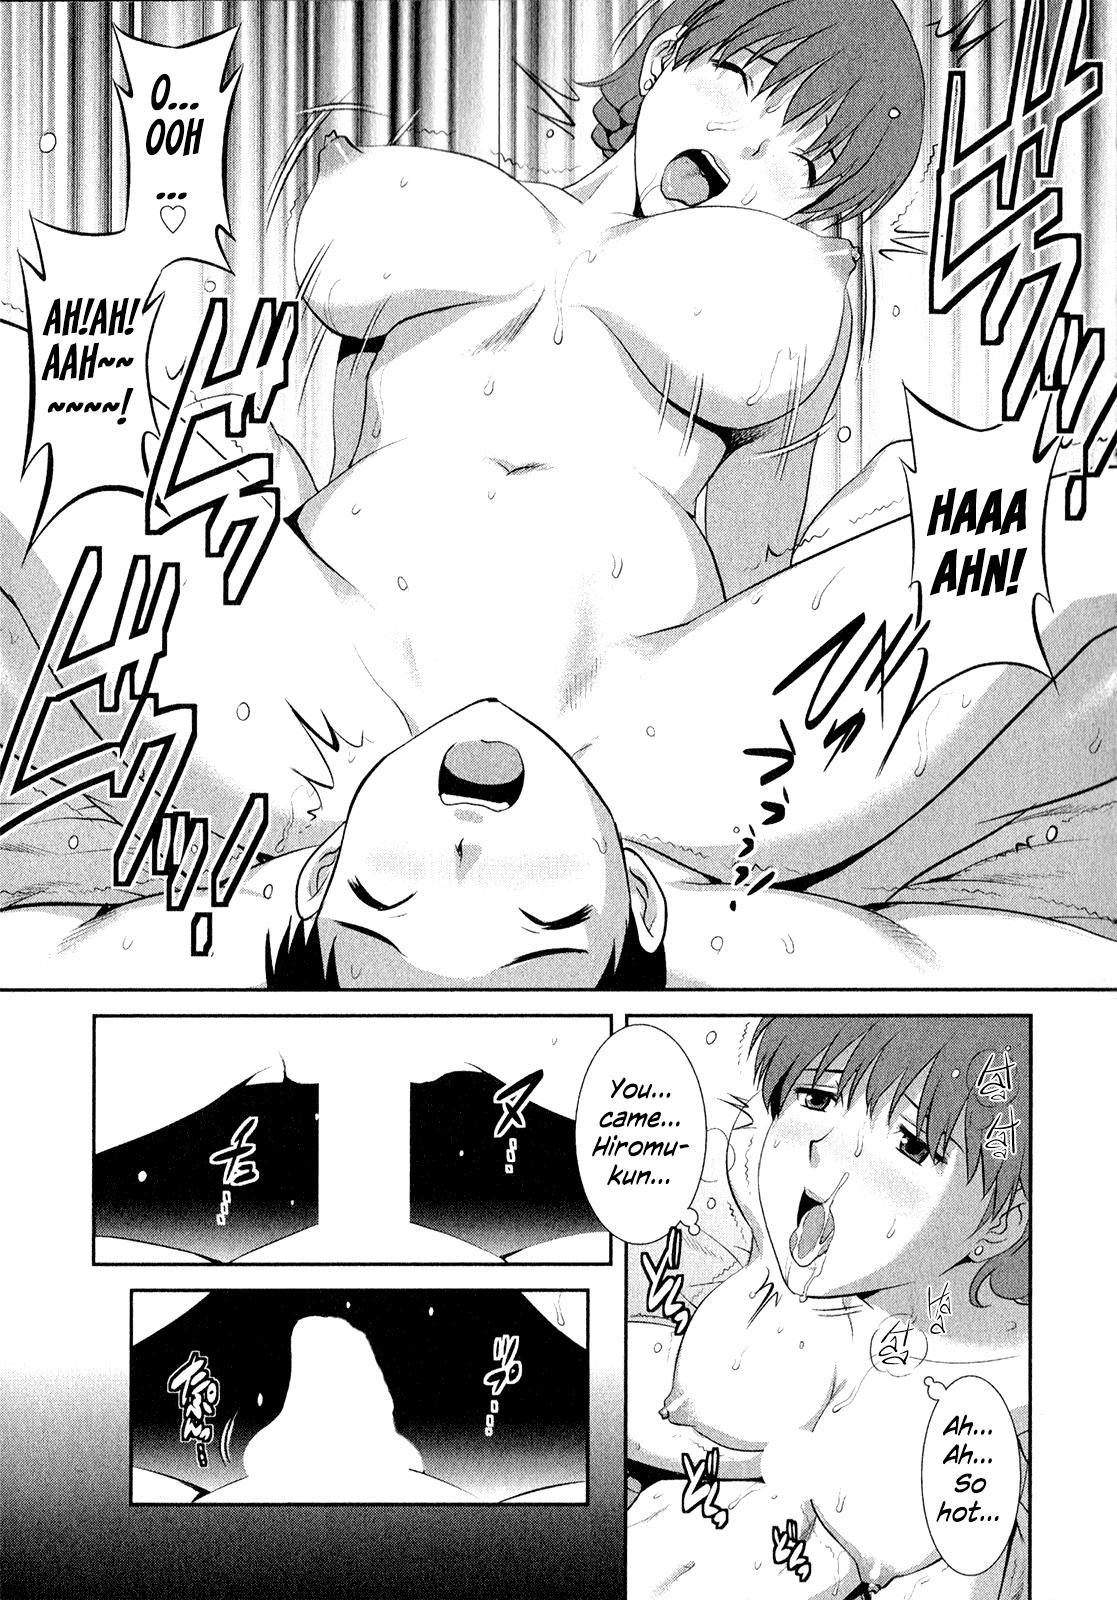 [Saigado] Hitozuma Audrey-san no Himitsu ~30-sai kara no Furyou Tsuma Kouza~ - Vol. 2 [English] {Hennojin} 27